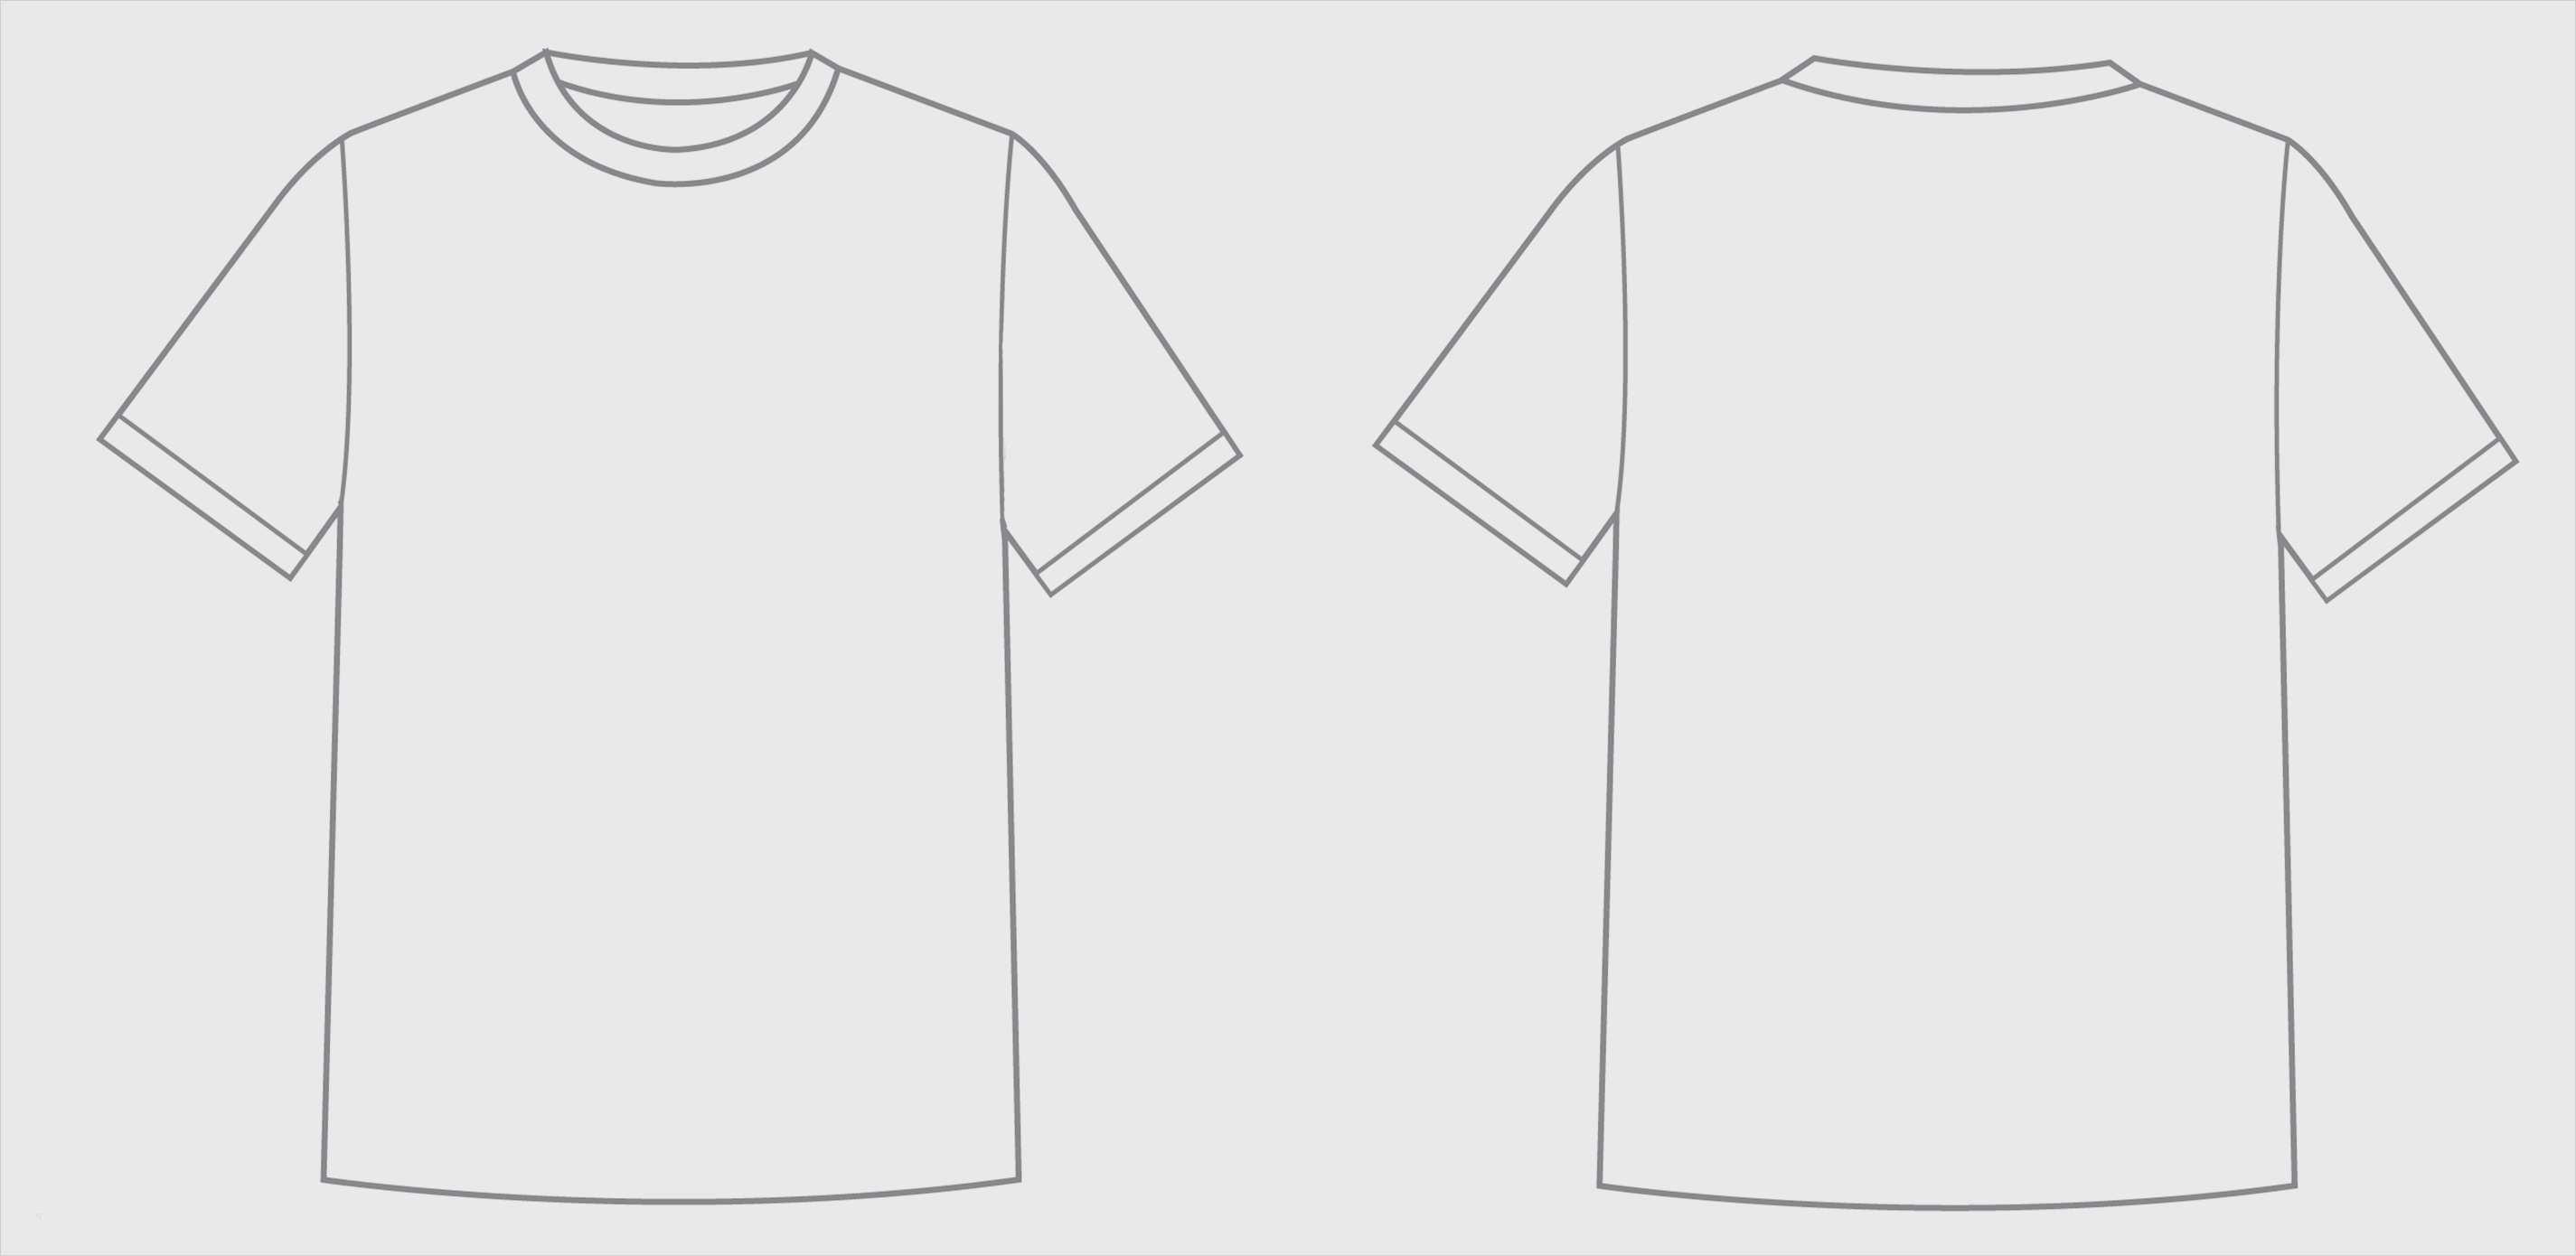 Zamisliti Trgovacki Vaza T Shirt Malvorlage Ph100 Org 6